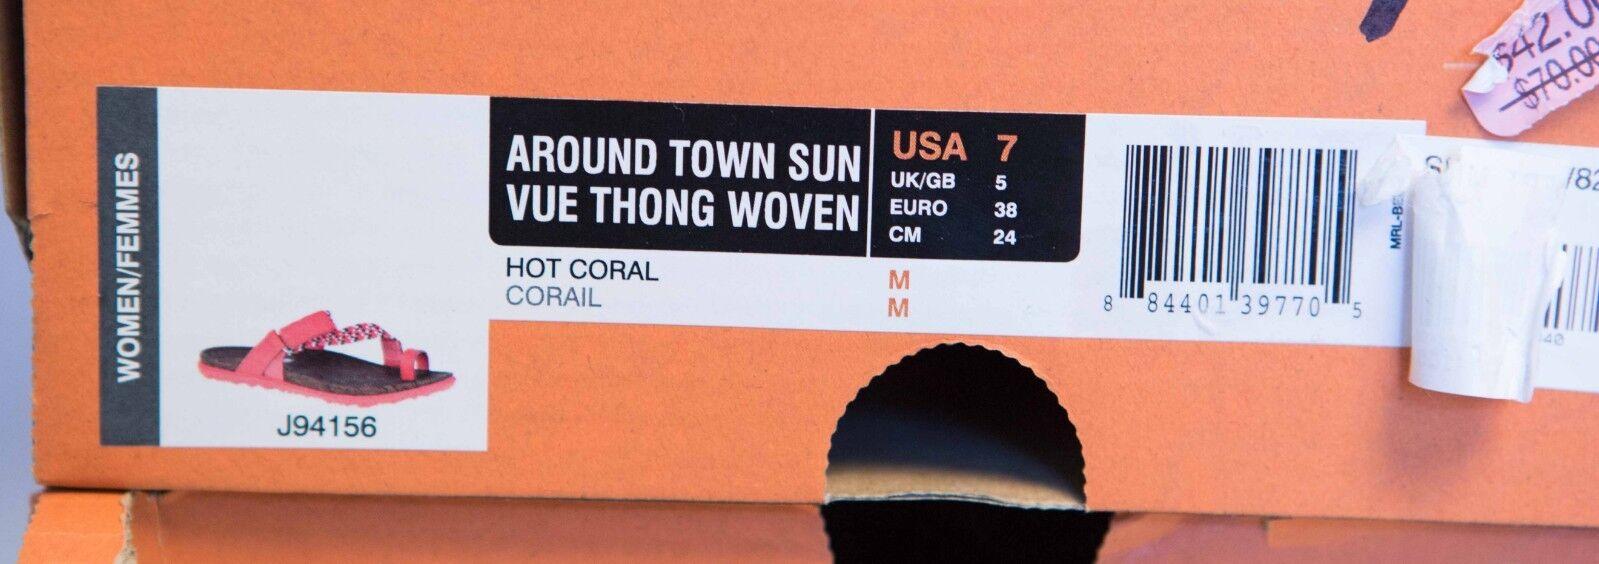 Merrell Around Korallenrot Town Sunvue Tanga Gewoben Damen Hot Korallenrot Around Größe 7, 8 dfab0b